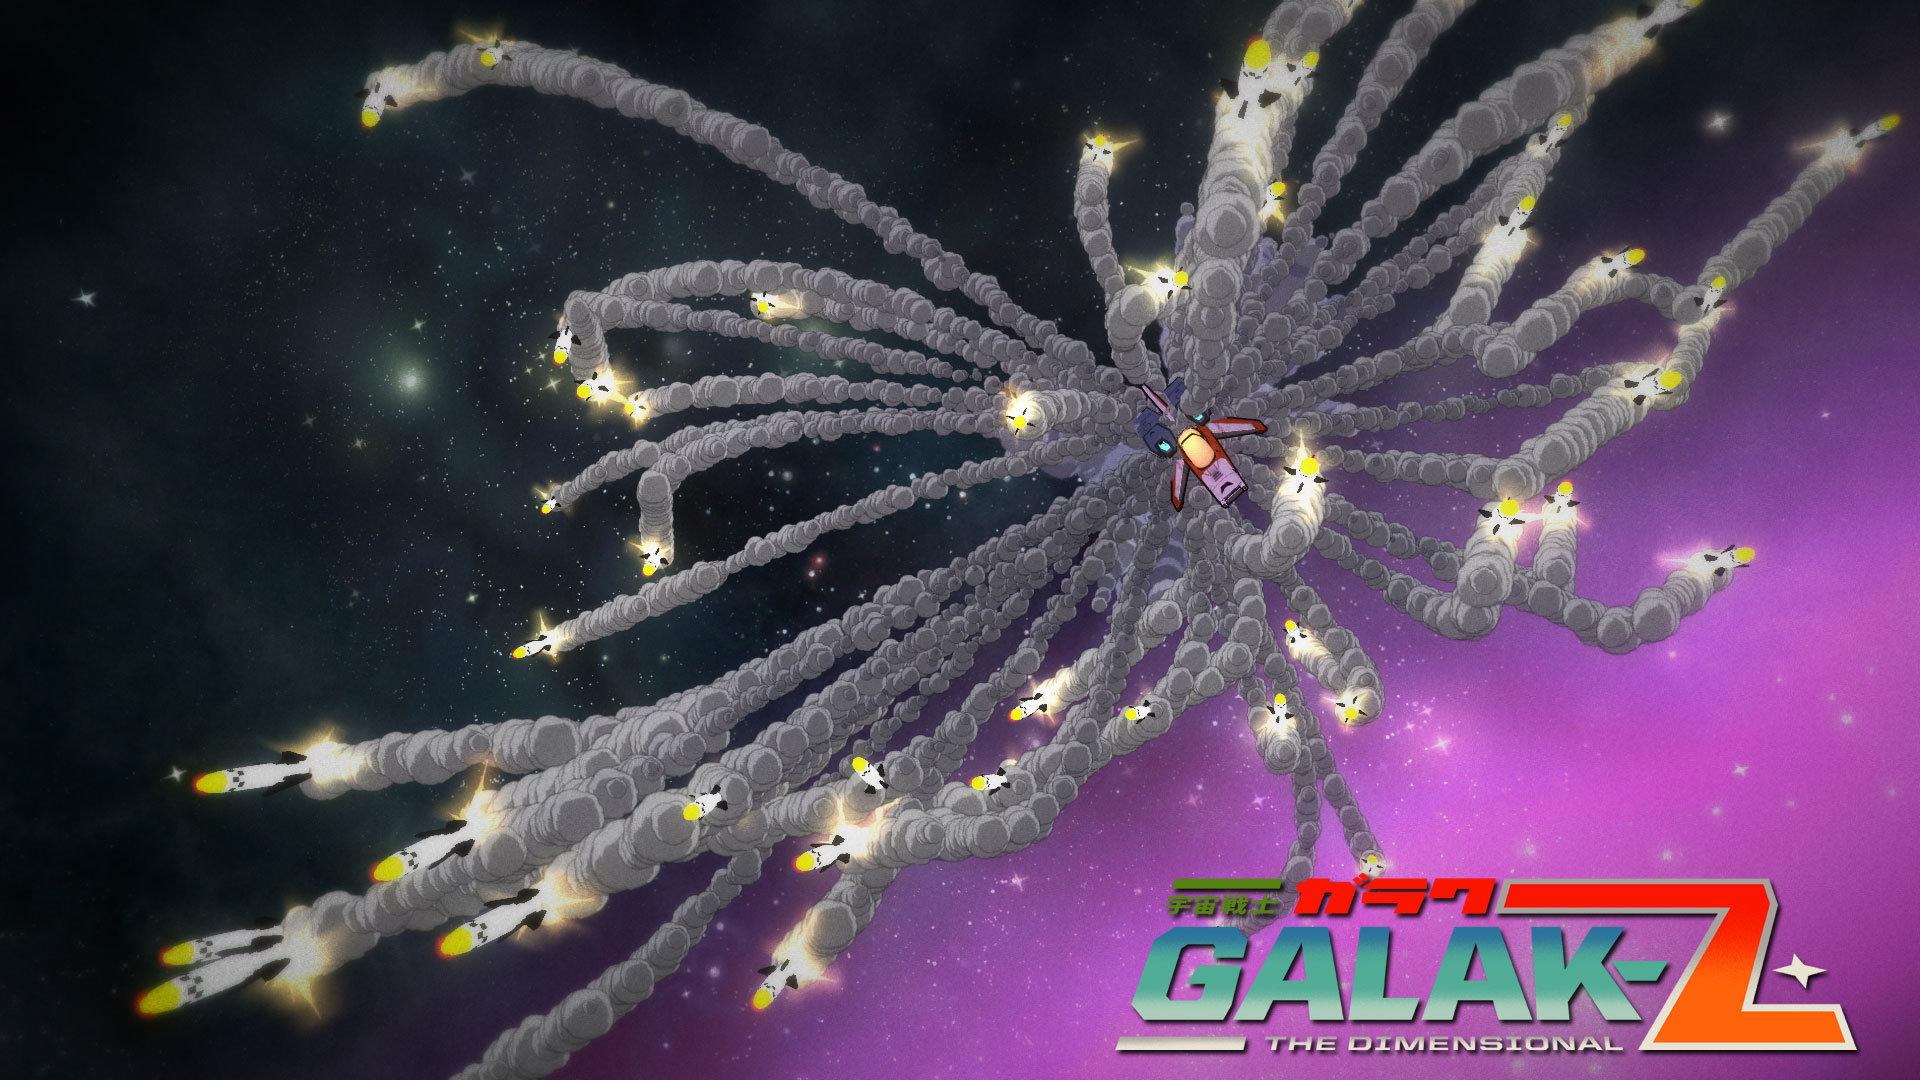 galak-z-screen-07-ps4-us-01may14